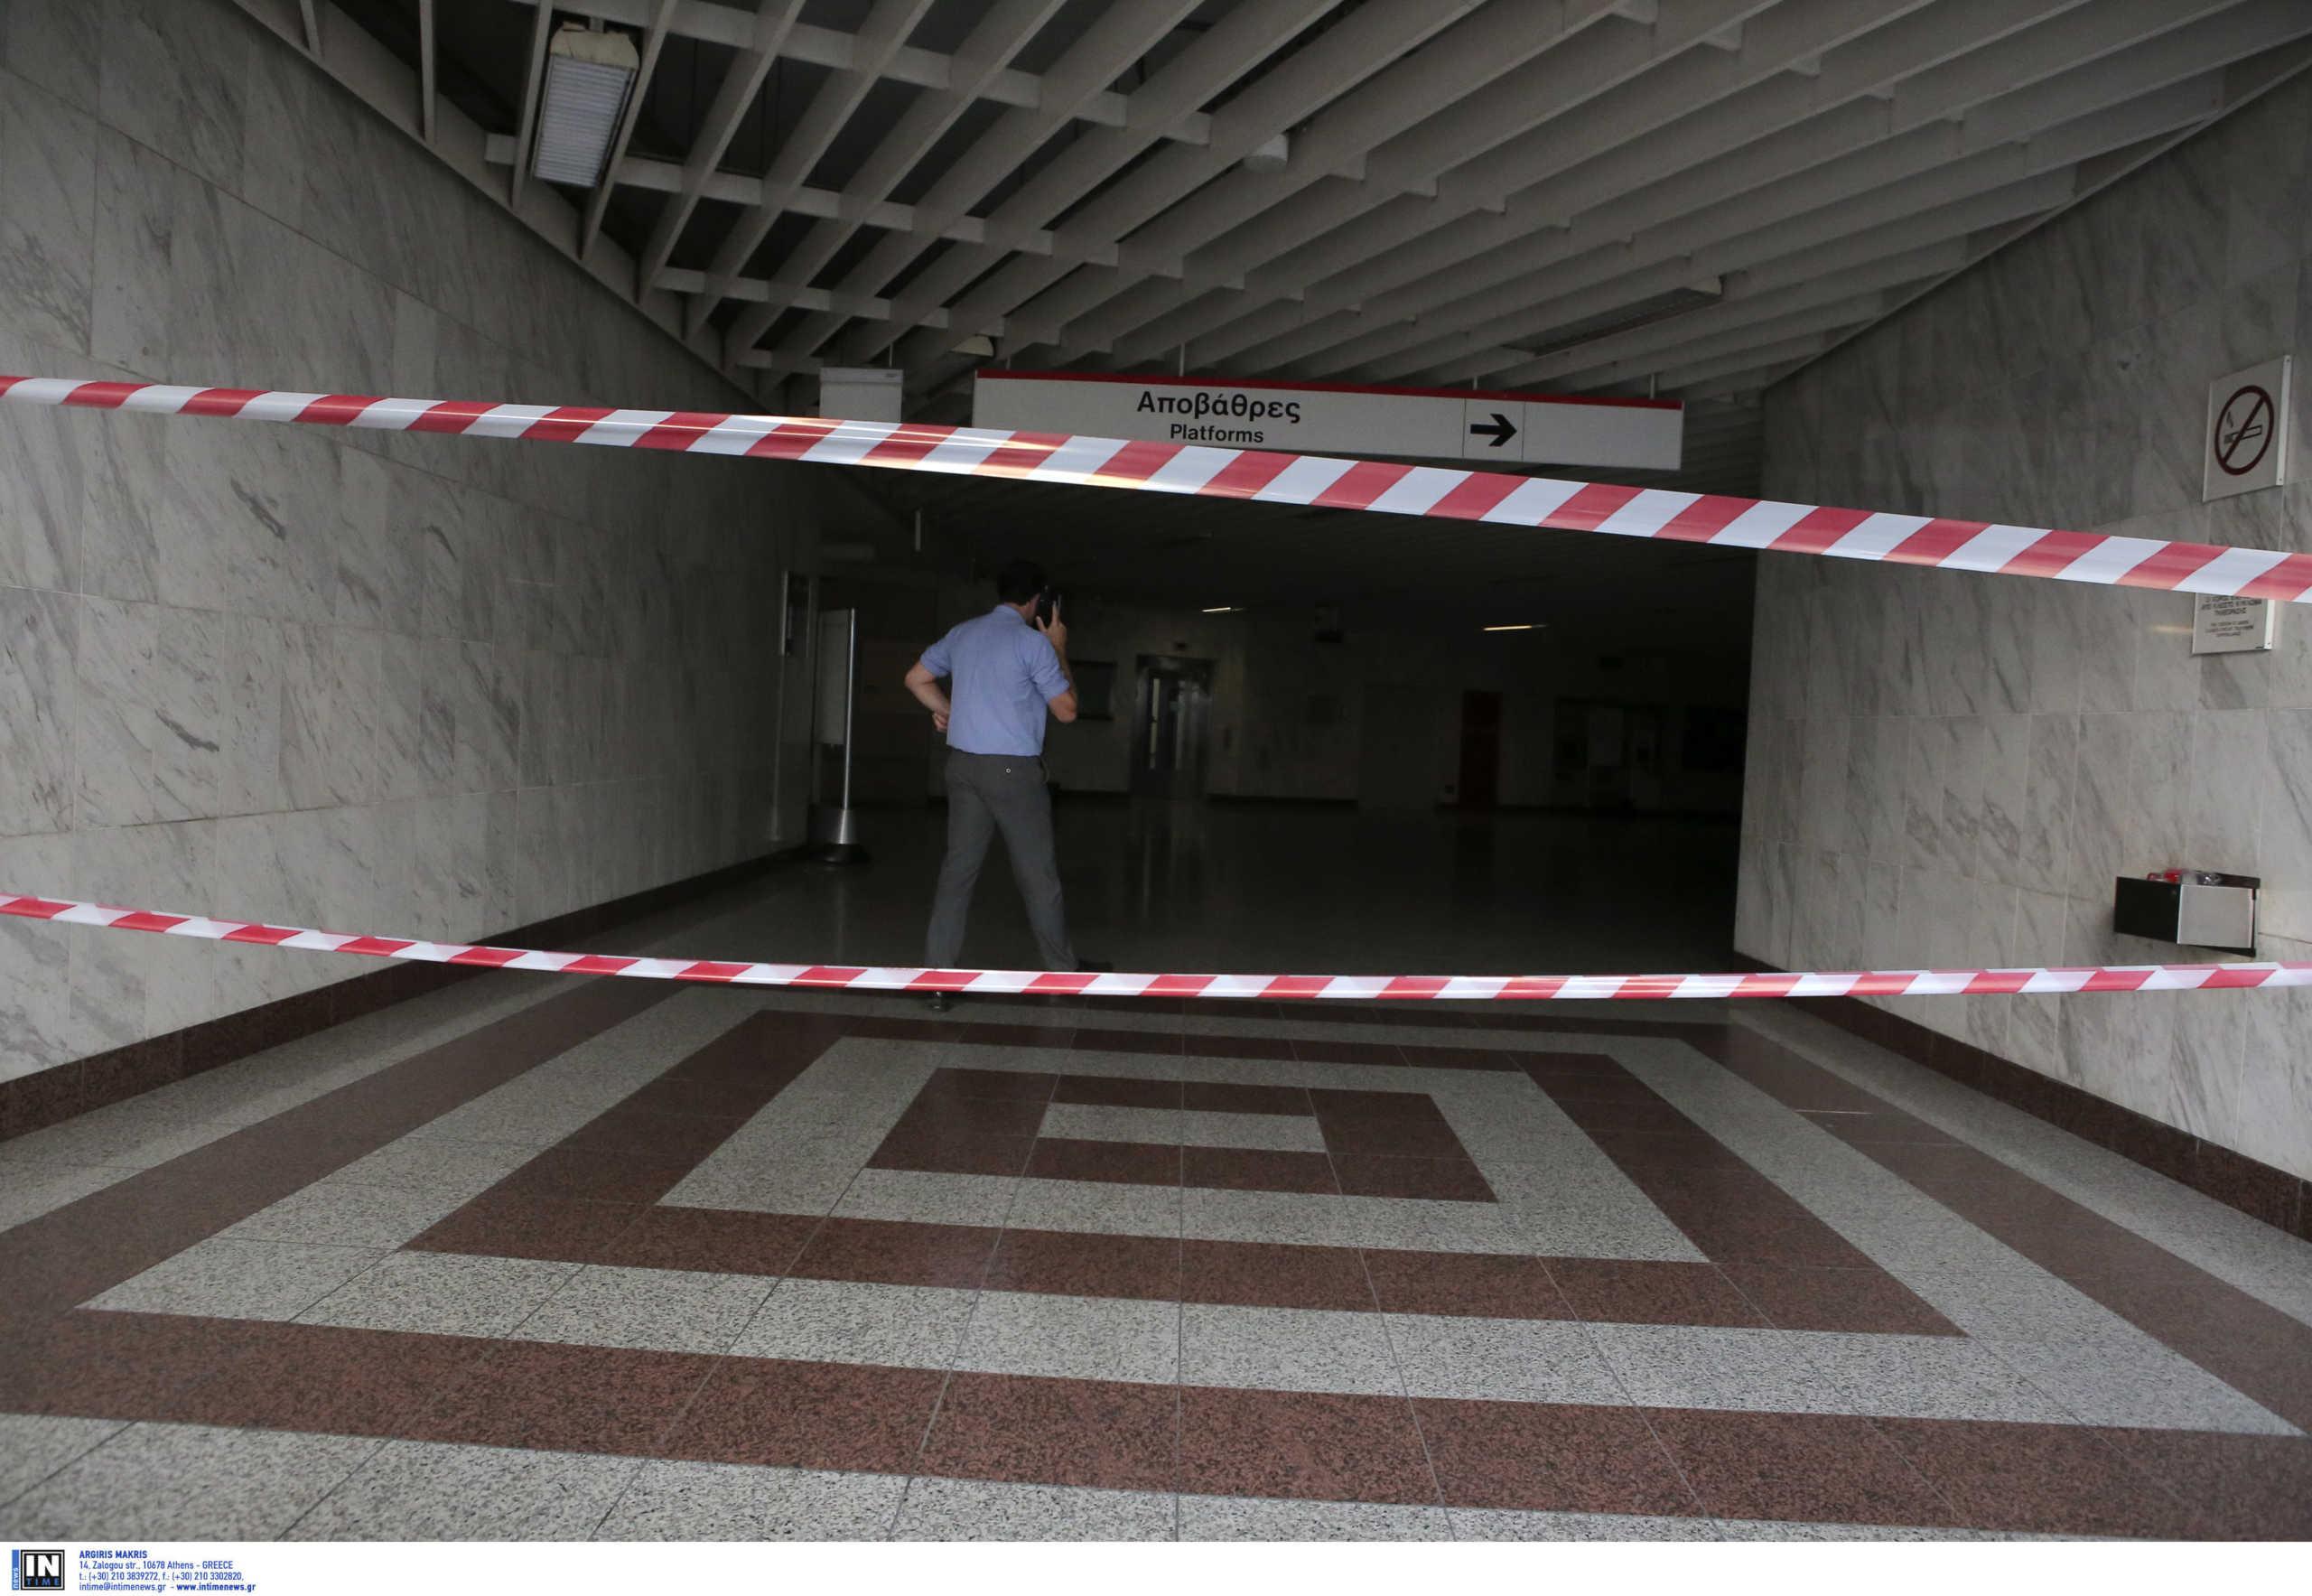 Πολυτεχνείο: Κλείνουν σταθμοί του Μετρό το μεσημέρι της 17ης Νοεμβρίου – Το ισχύει για τρόλεϊ